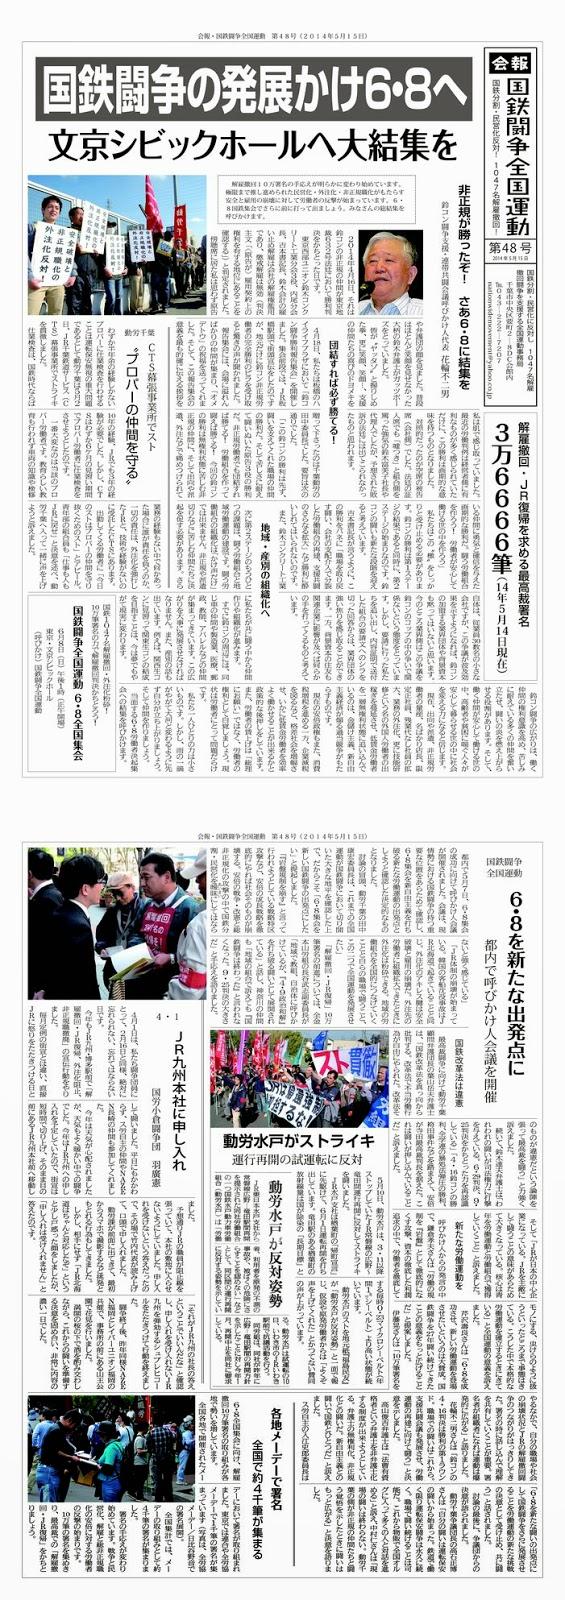 http://www.doro-chiba.org/z-undou/pdf/news_48.pdf